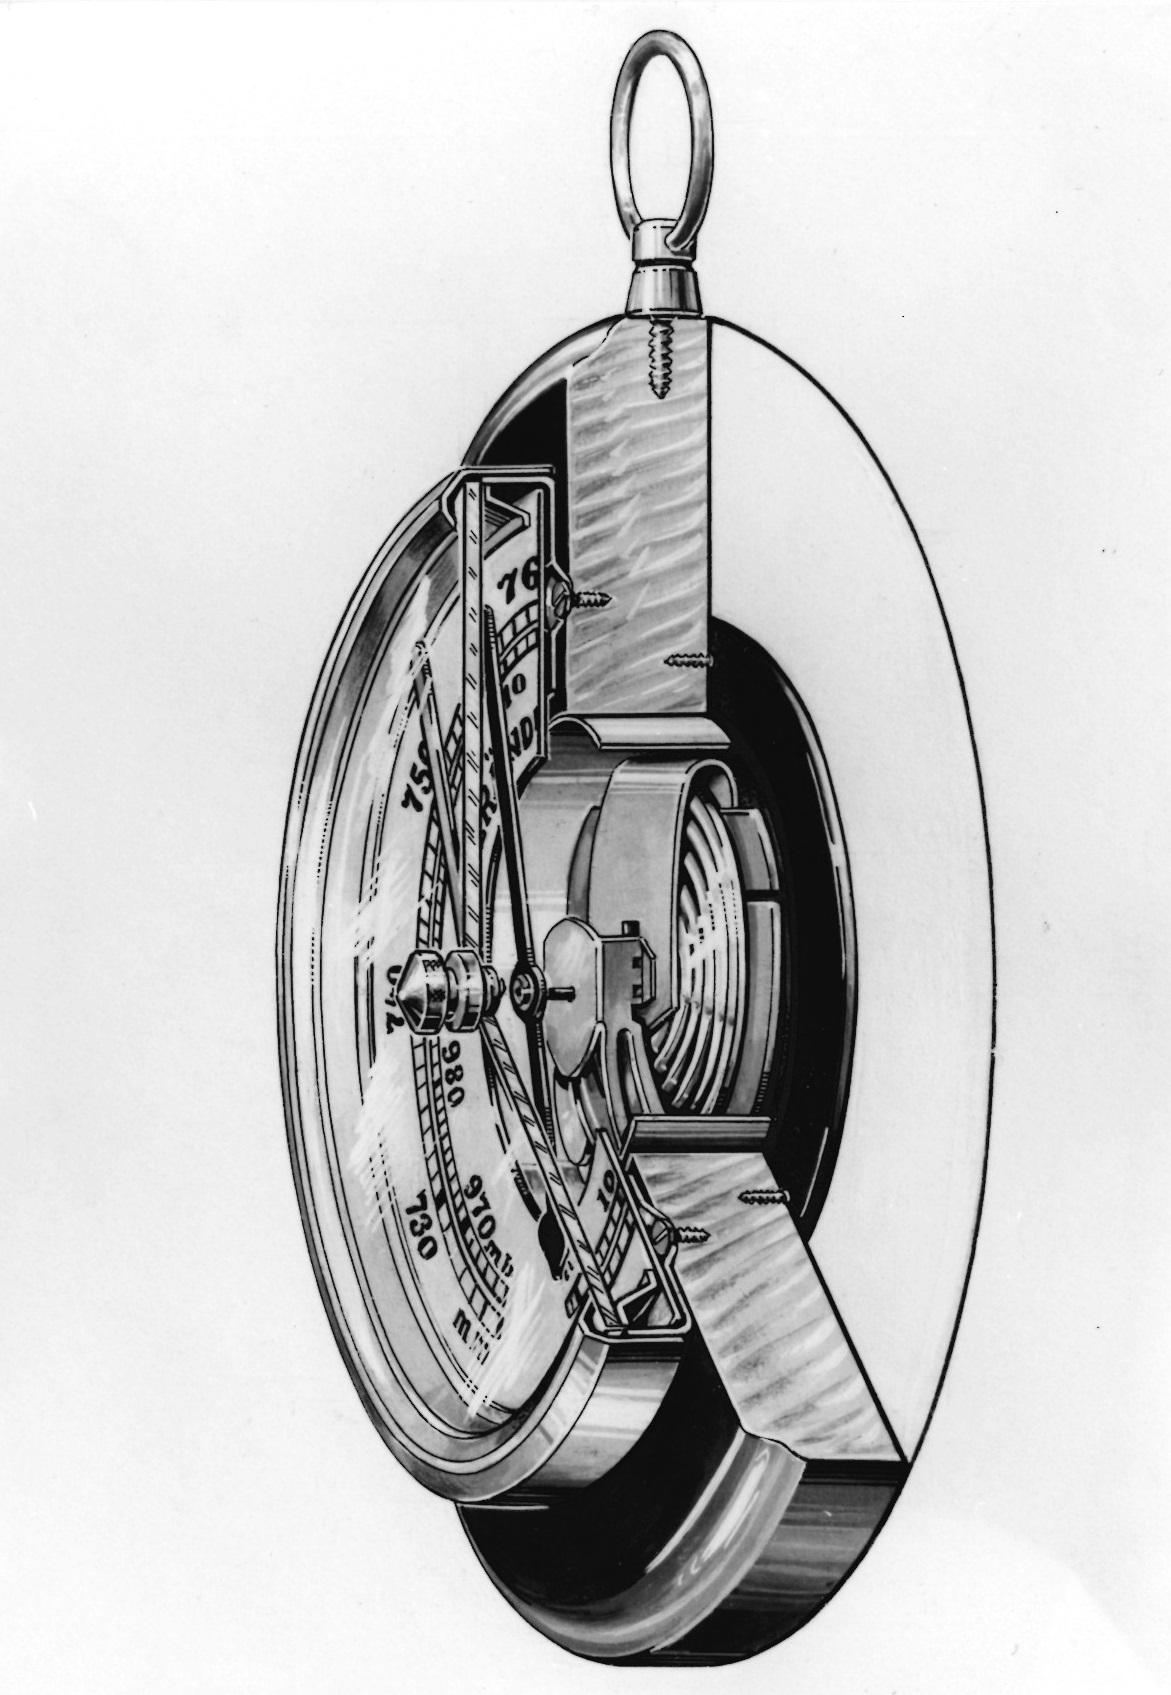 Querschnitt-Barometer